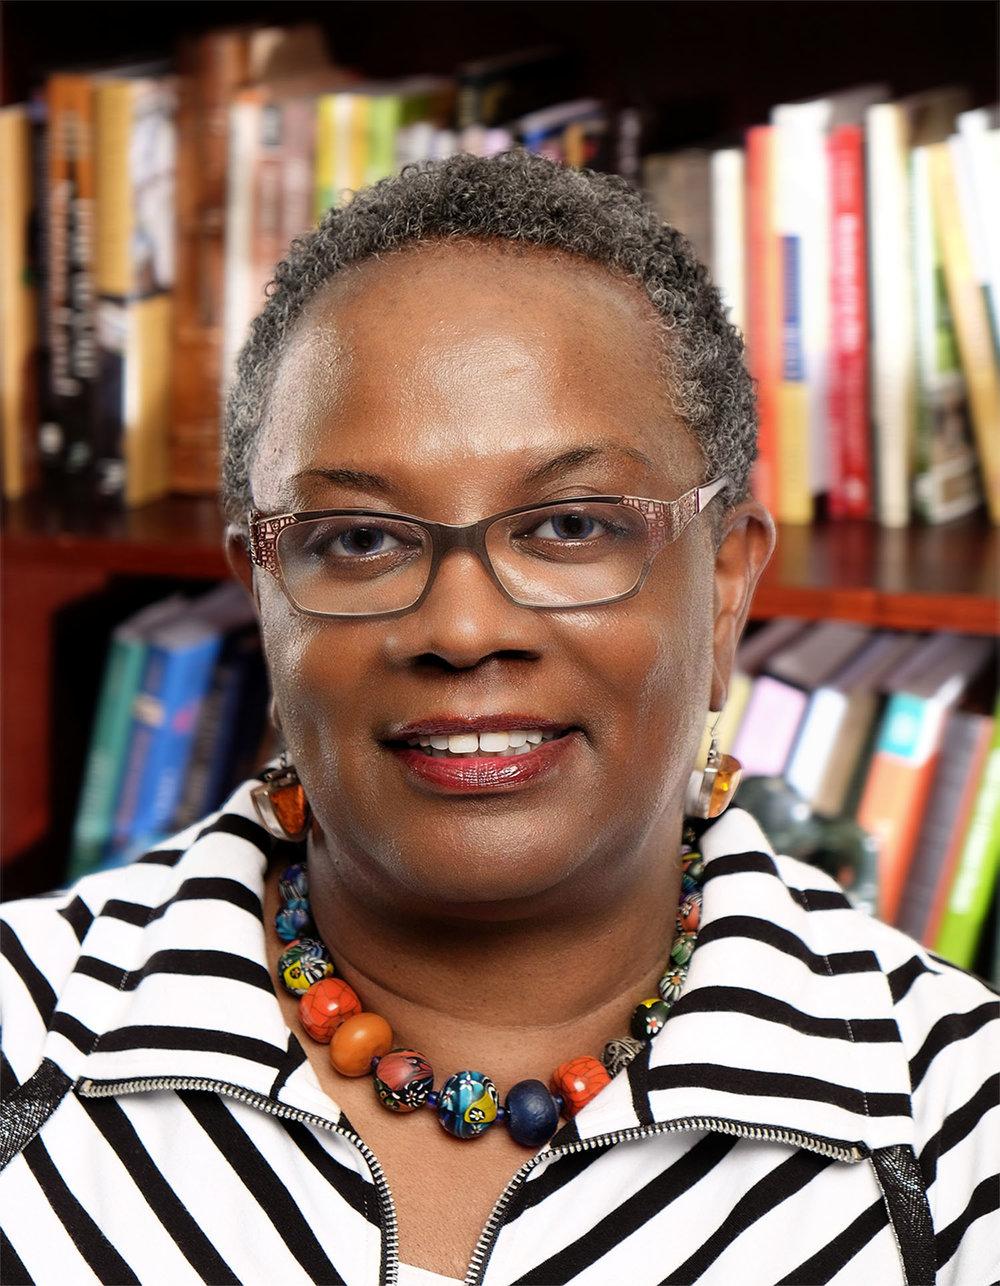 Dr. Renita Weems